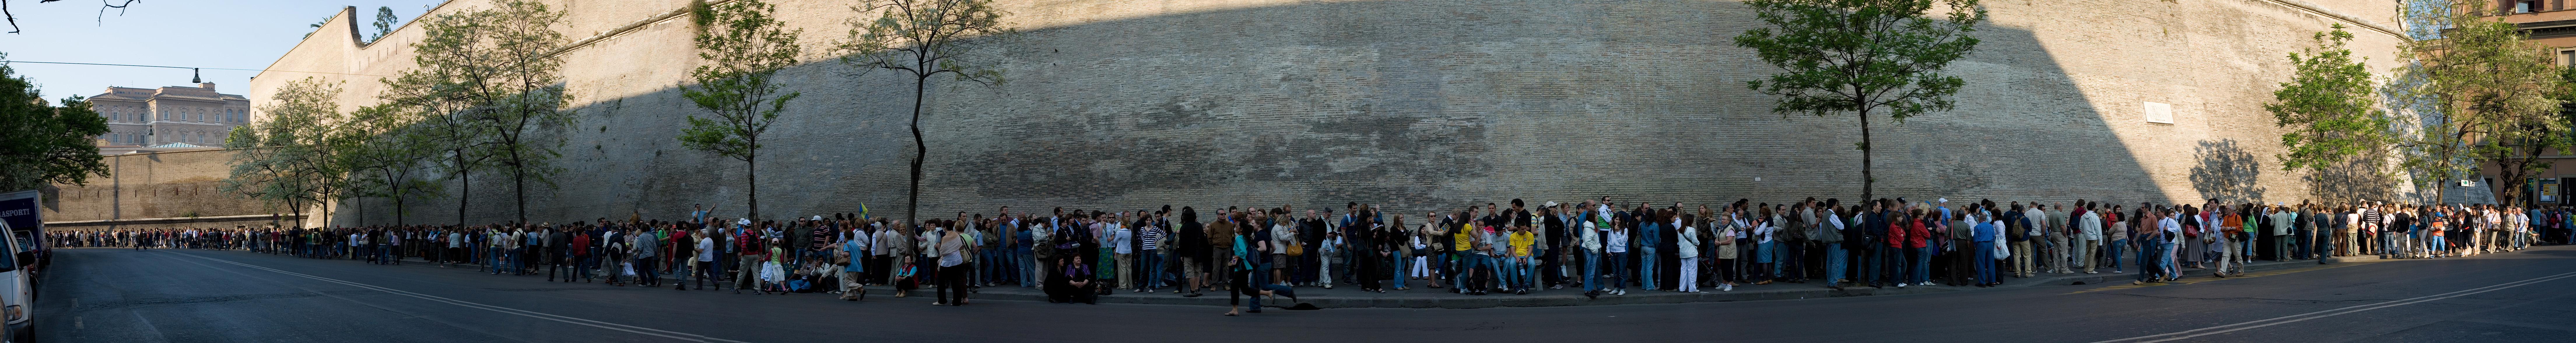 Los últimos domingos de cada mes, los Museos Vaticanos abren gratis al público. Es una oferta de mucho éxito popular y es muy común esperar colas de muchas horas para poder entrar. Las esperas son también grandes en Semana Santa. Esta imagen es una vista panorámica parcial, tomada en abril de 2007, en la que puede verse que la fila continúa en ambas direcciones, alcanzando en este caso una longitud de medio kilómetro.